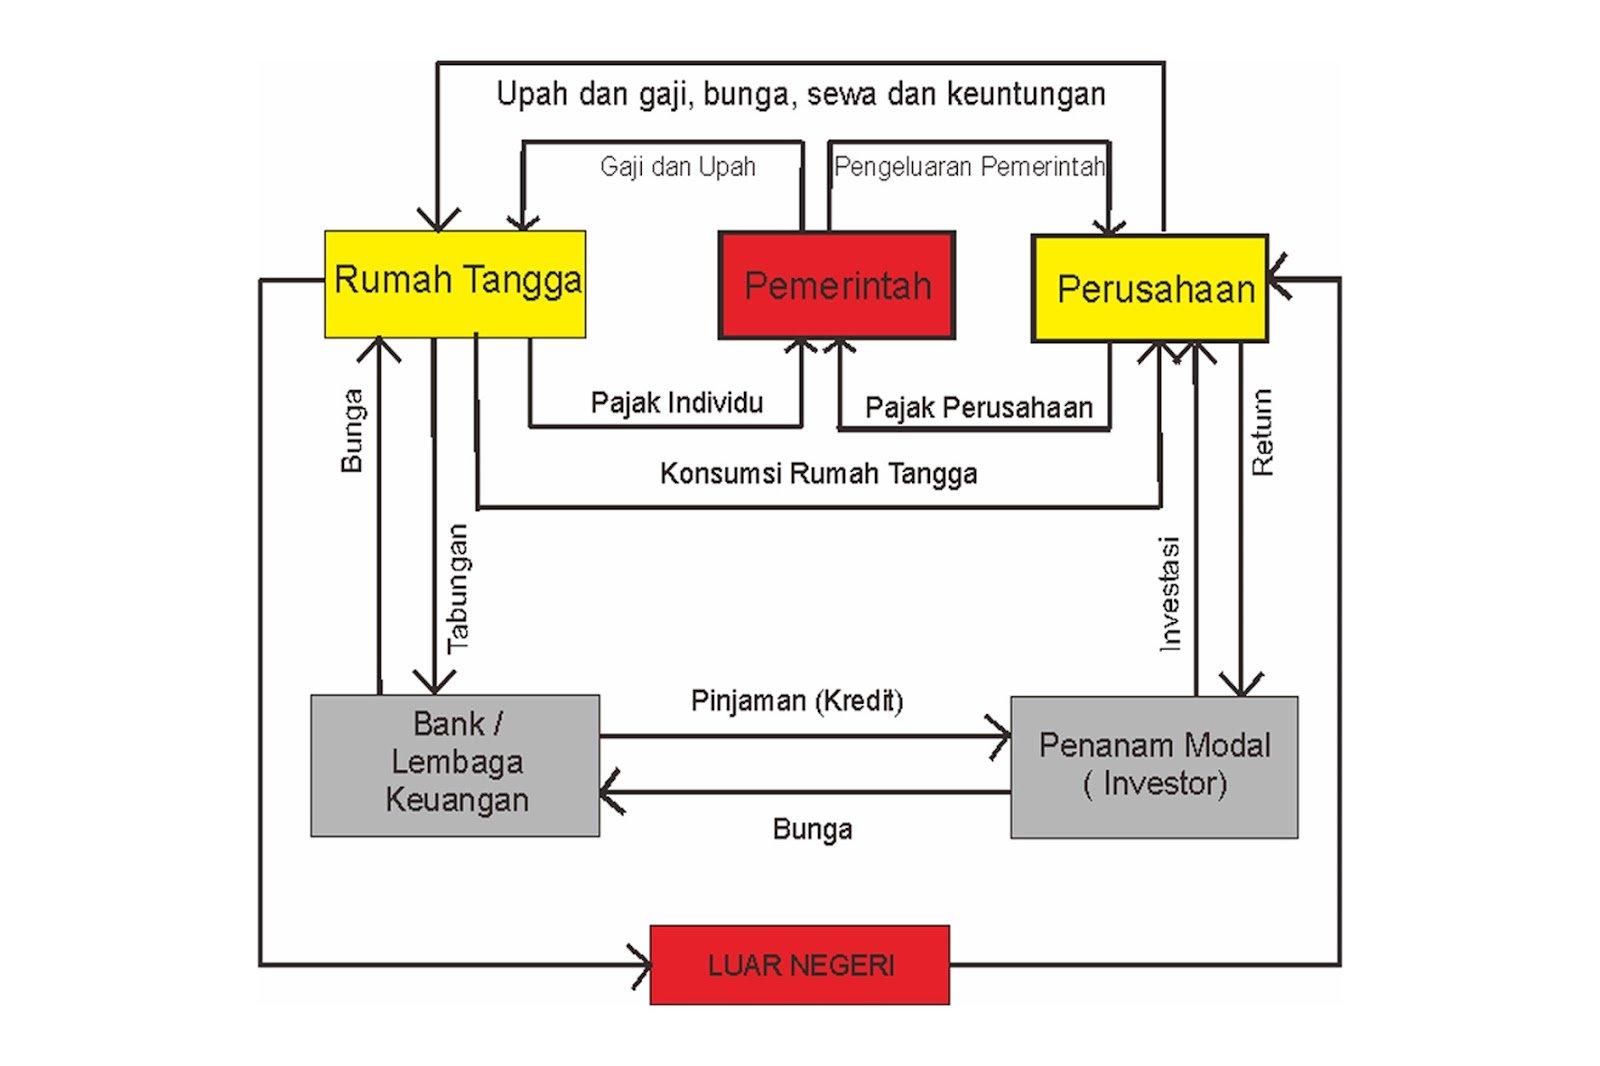 Apa yang dimaksud dengan circular flow diagram cfd diskusi ekonomi 4 sektorg1600x1066 119 kb ccuart Gallery